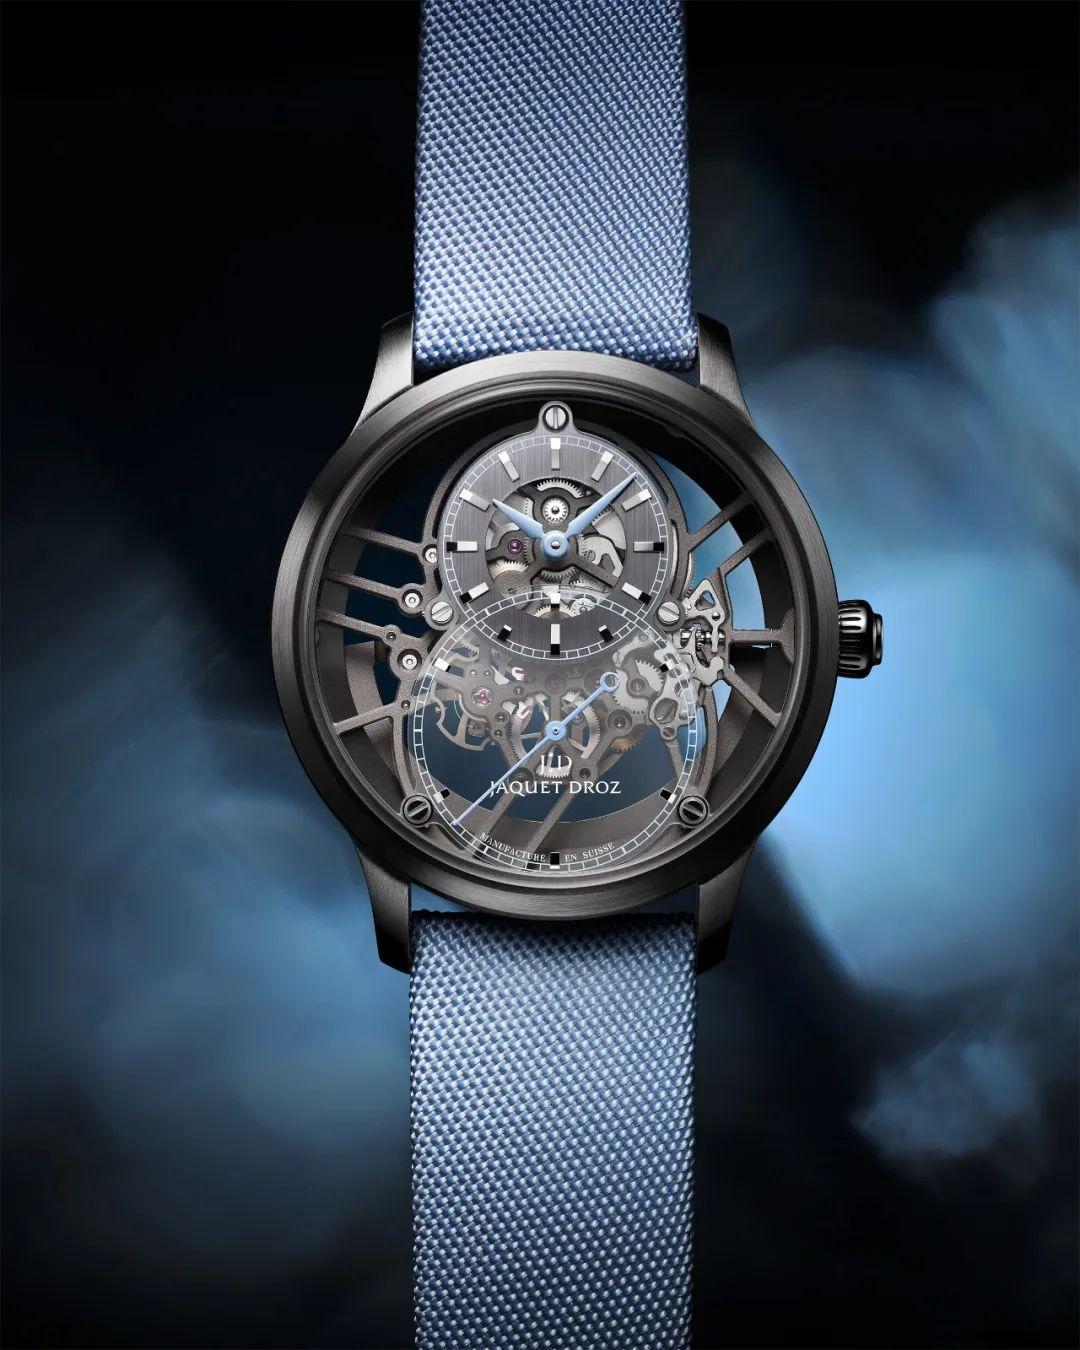 雅克德罗发布三款全新大秒针镂空腕表